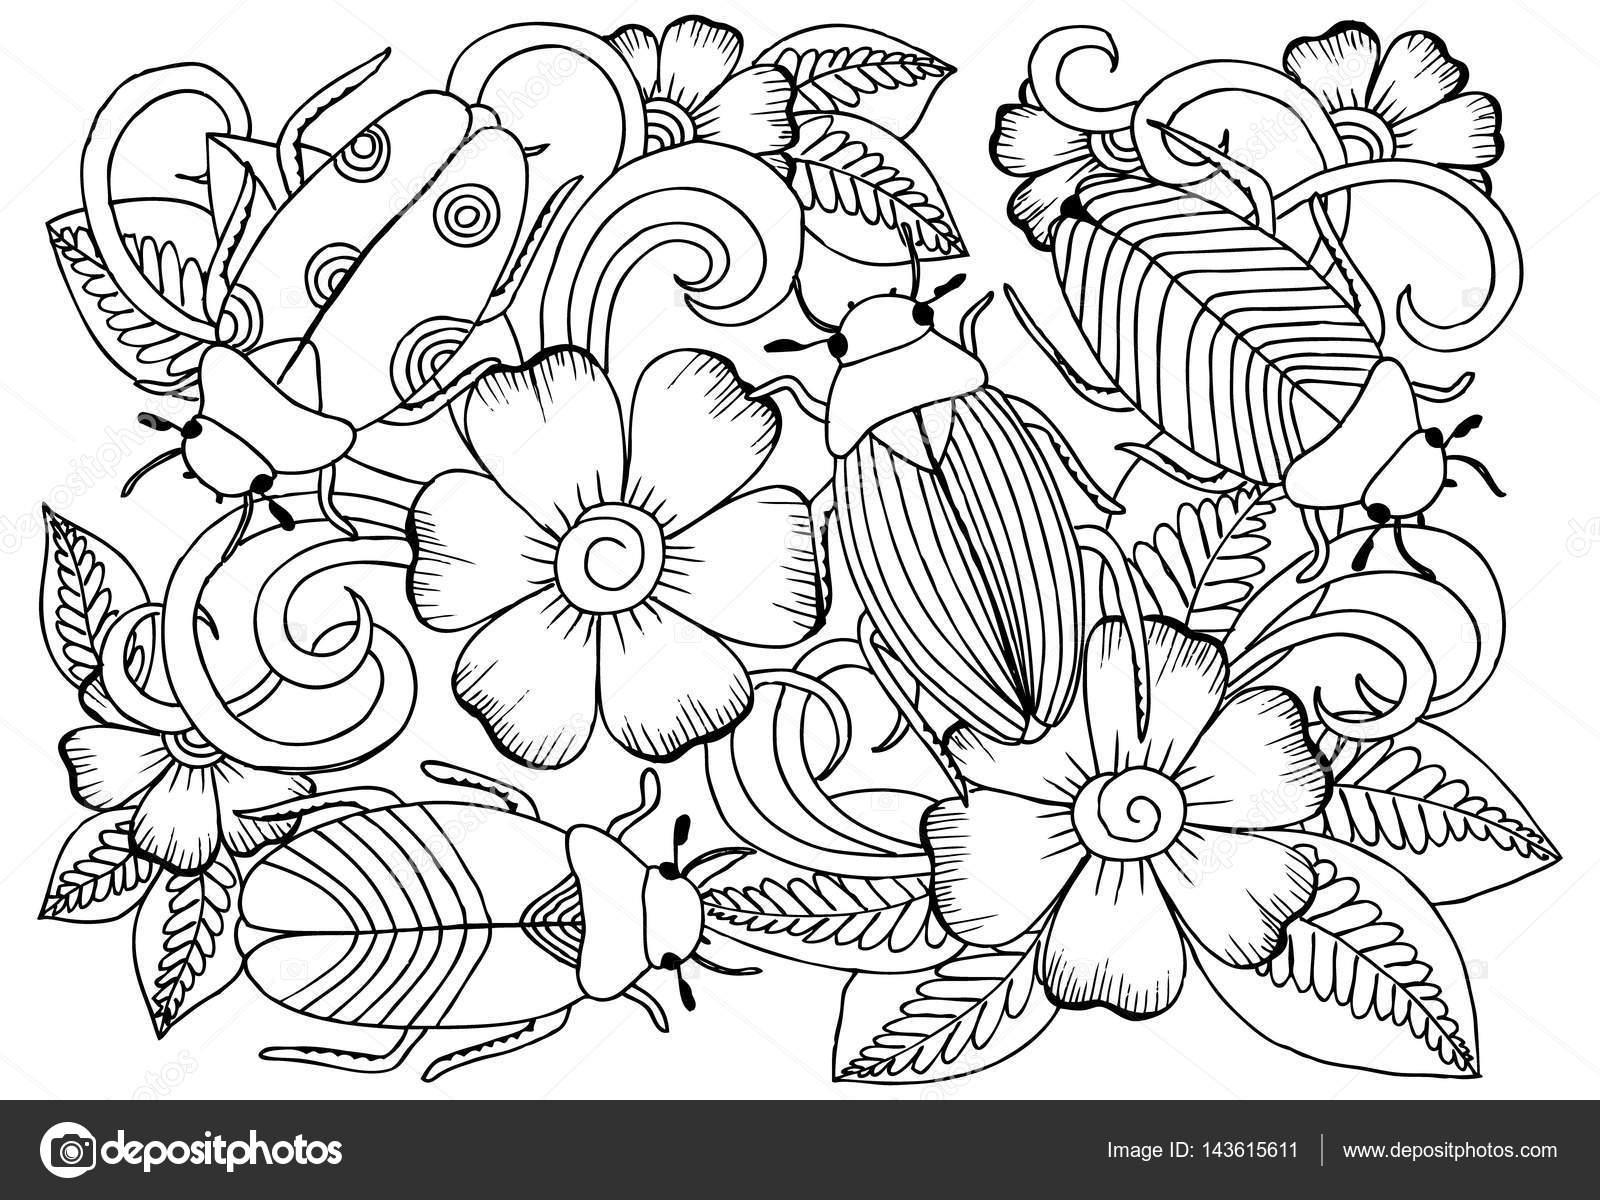 Vektör Tek Renkli Böcek Ve çiçek Boyama Stok Vektör Emila1604